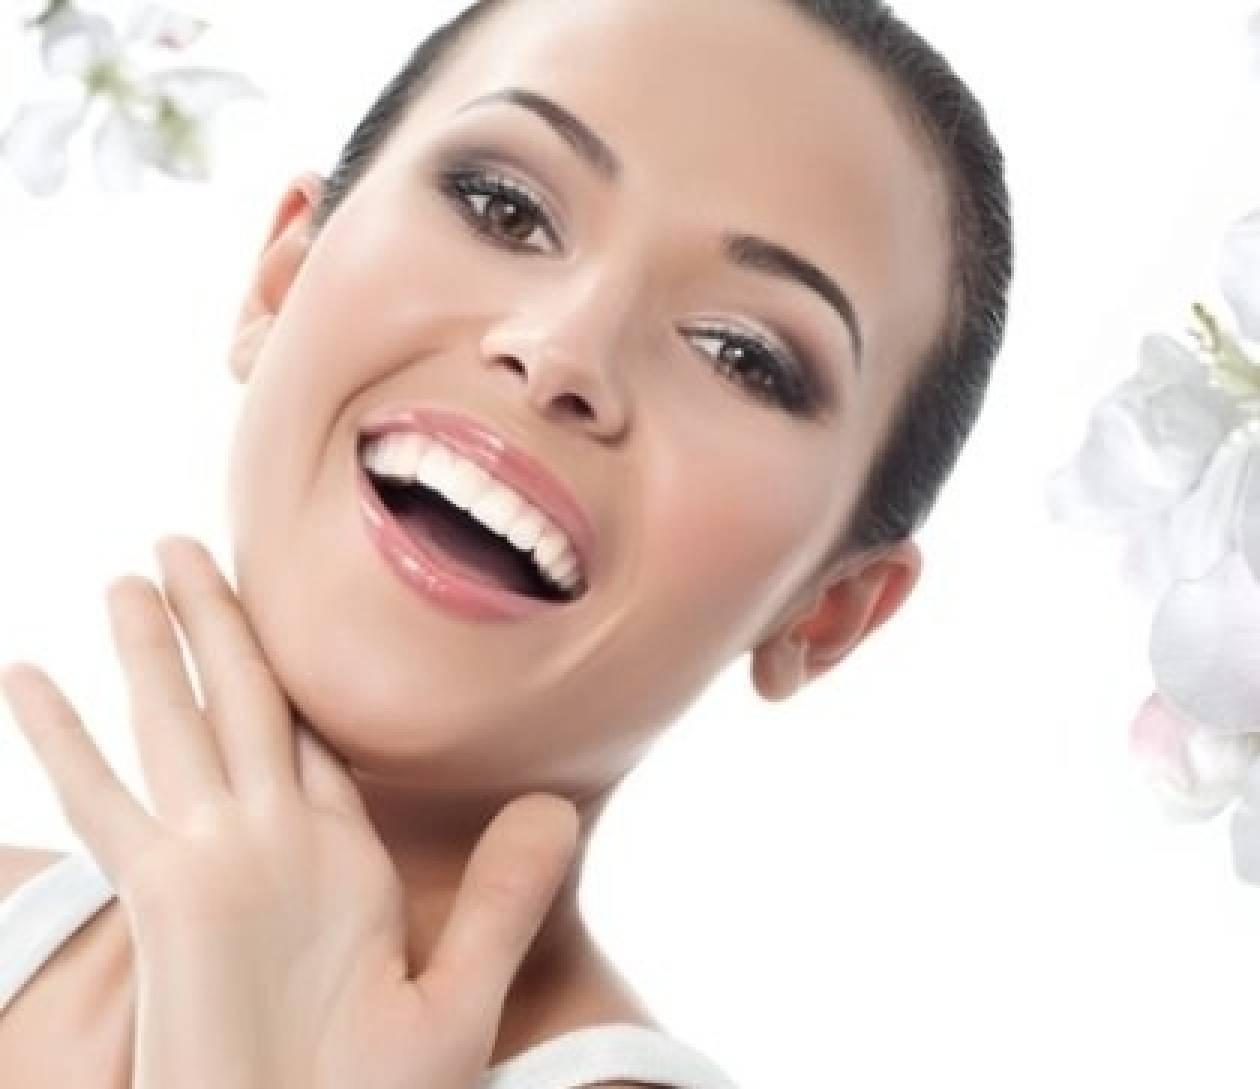 Πώς να αποκτήσετε λευκά δόντια με σπιτικές συνταγές